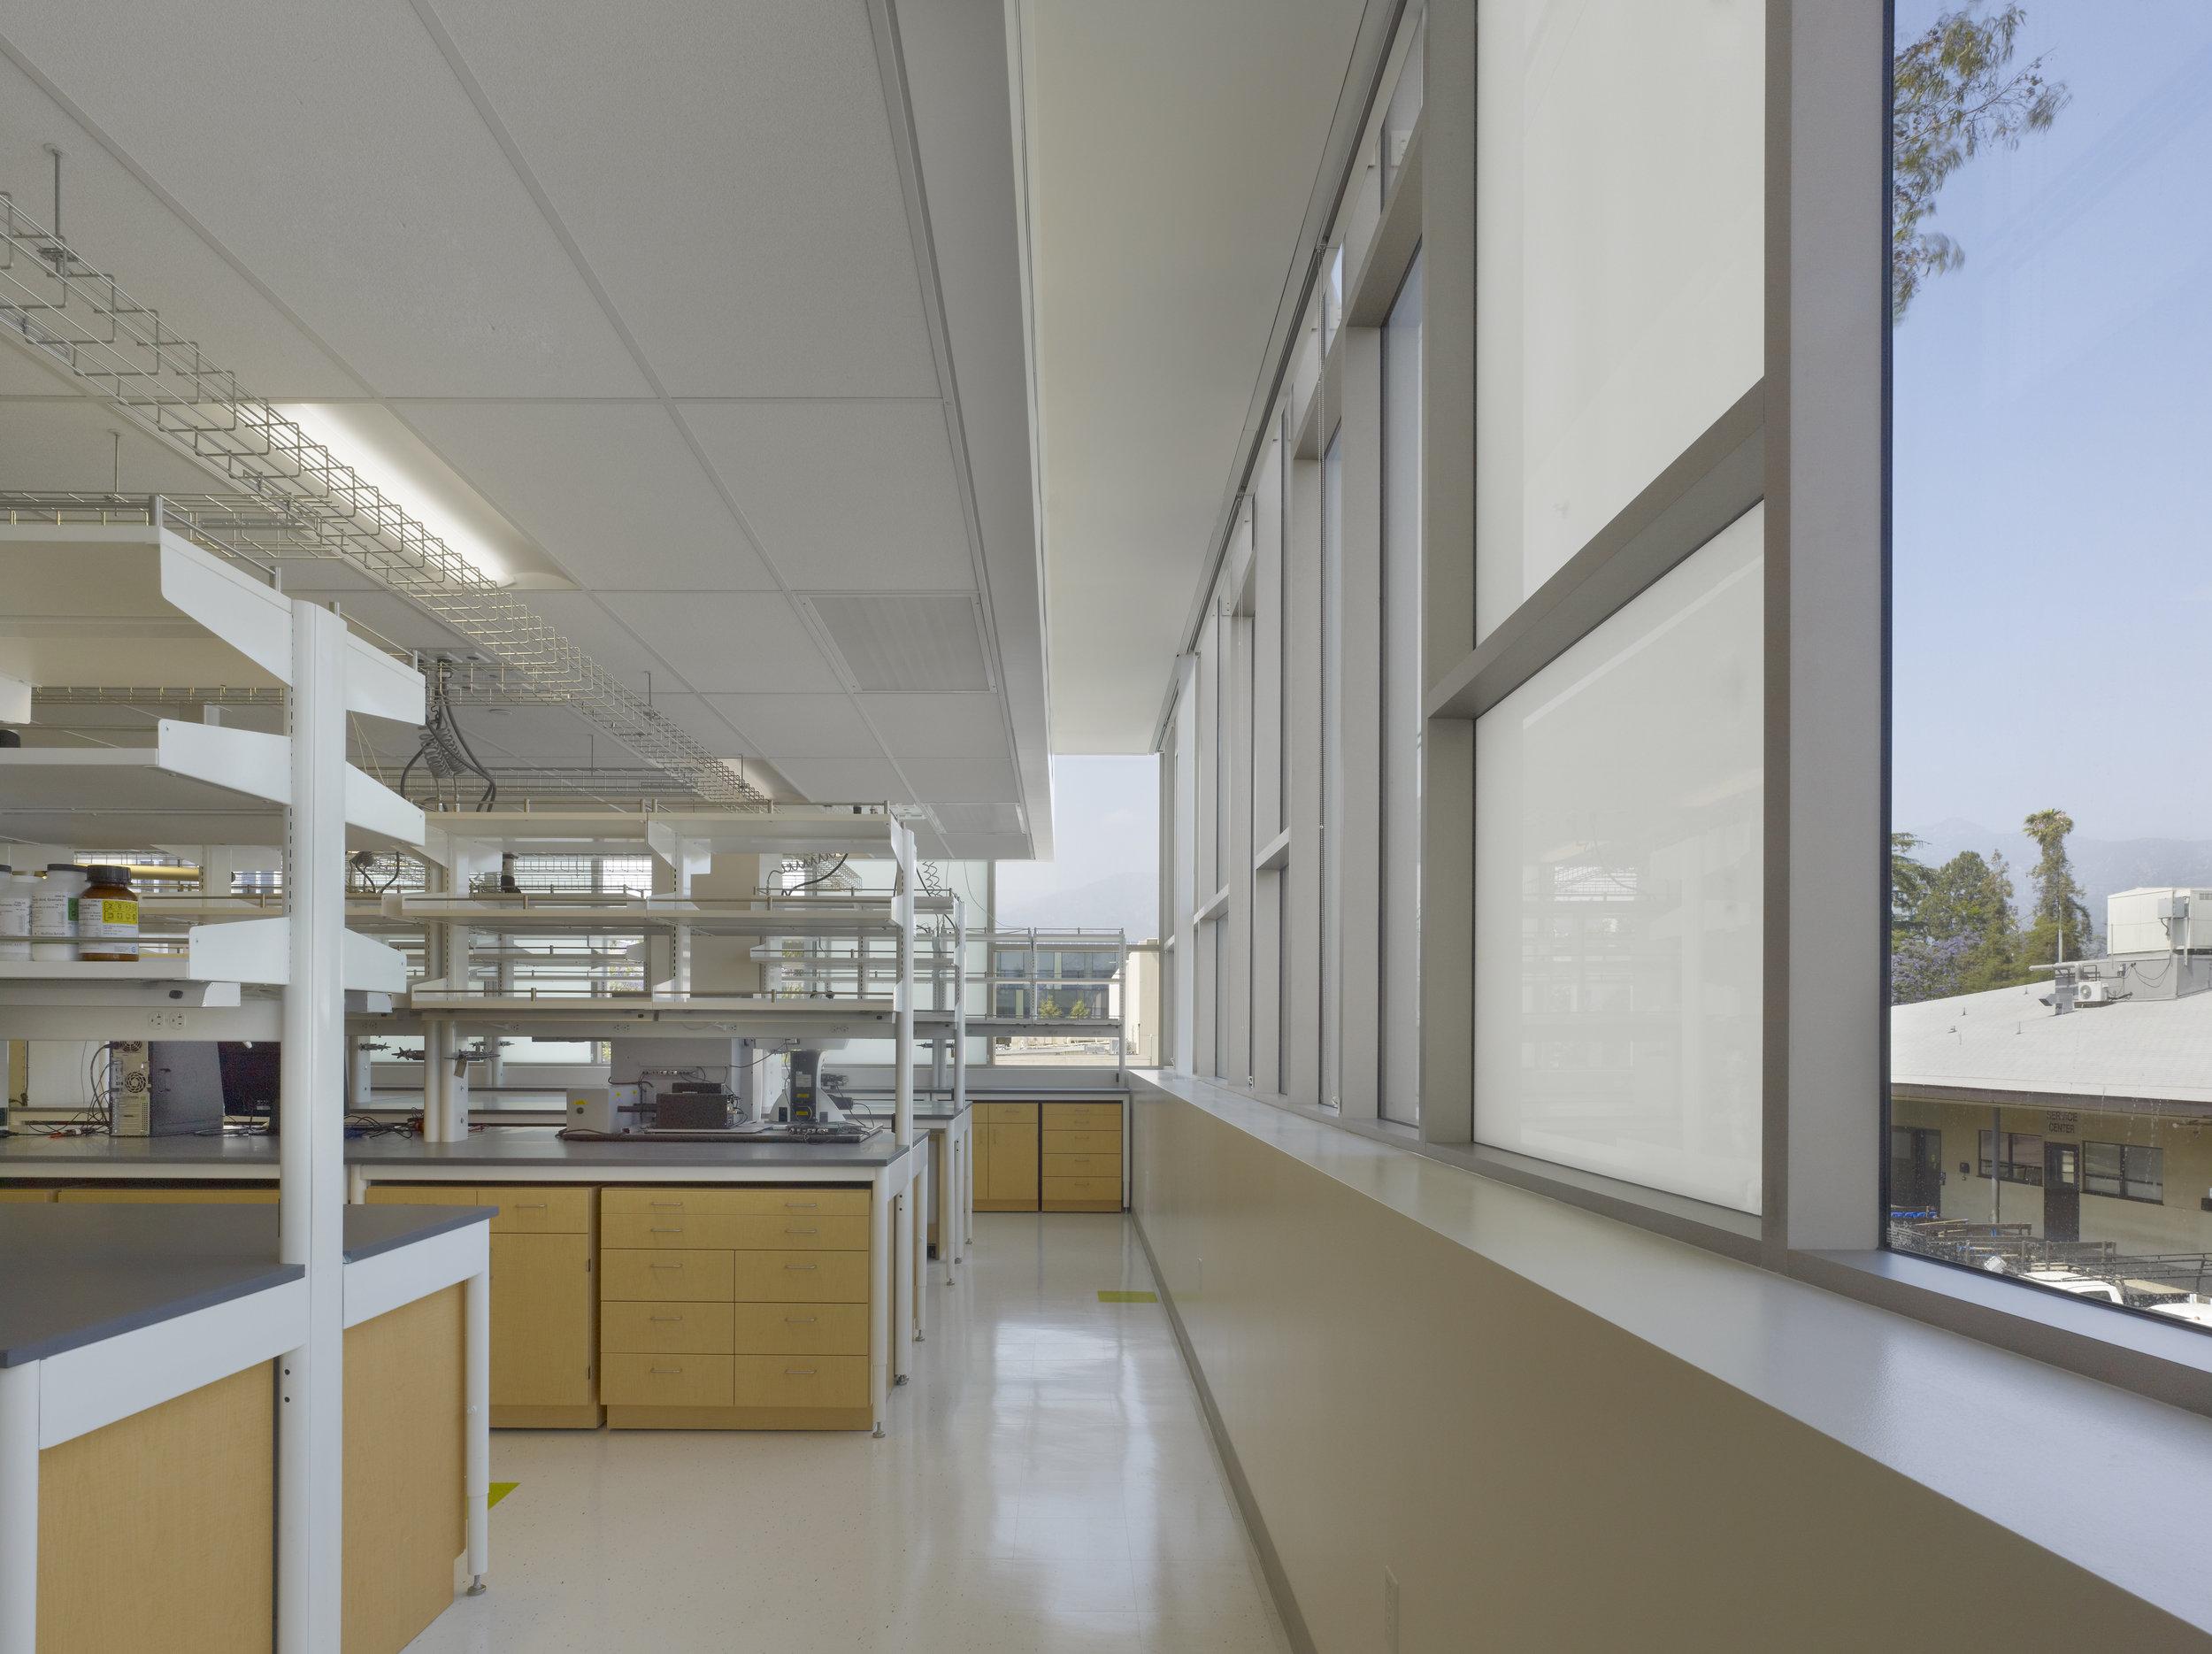 Jorgensen 54540 - Lab w Cabinets.jpg